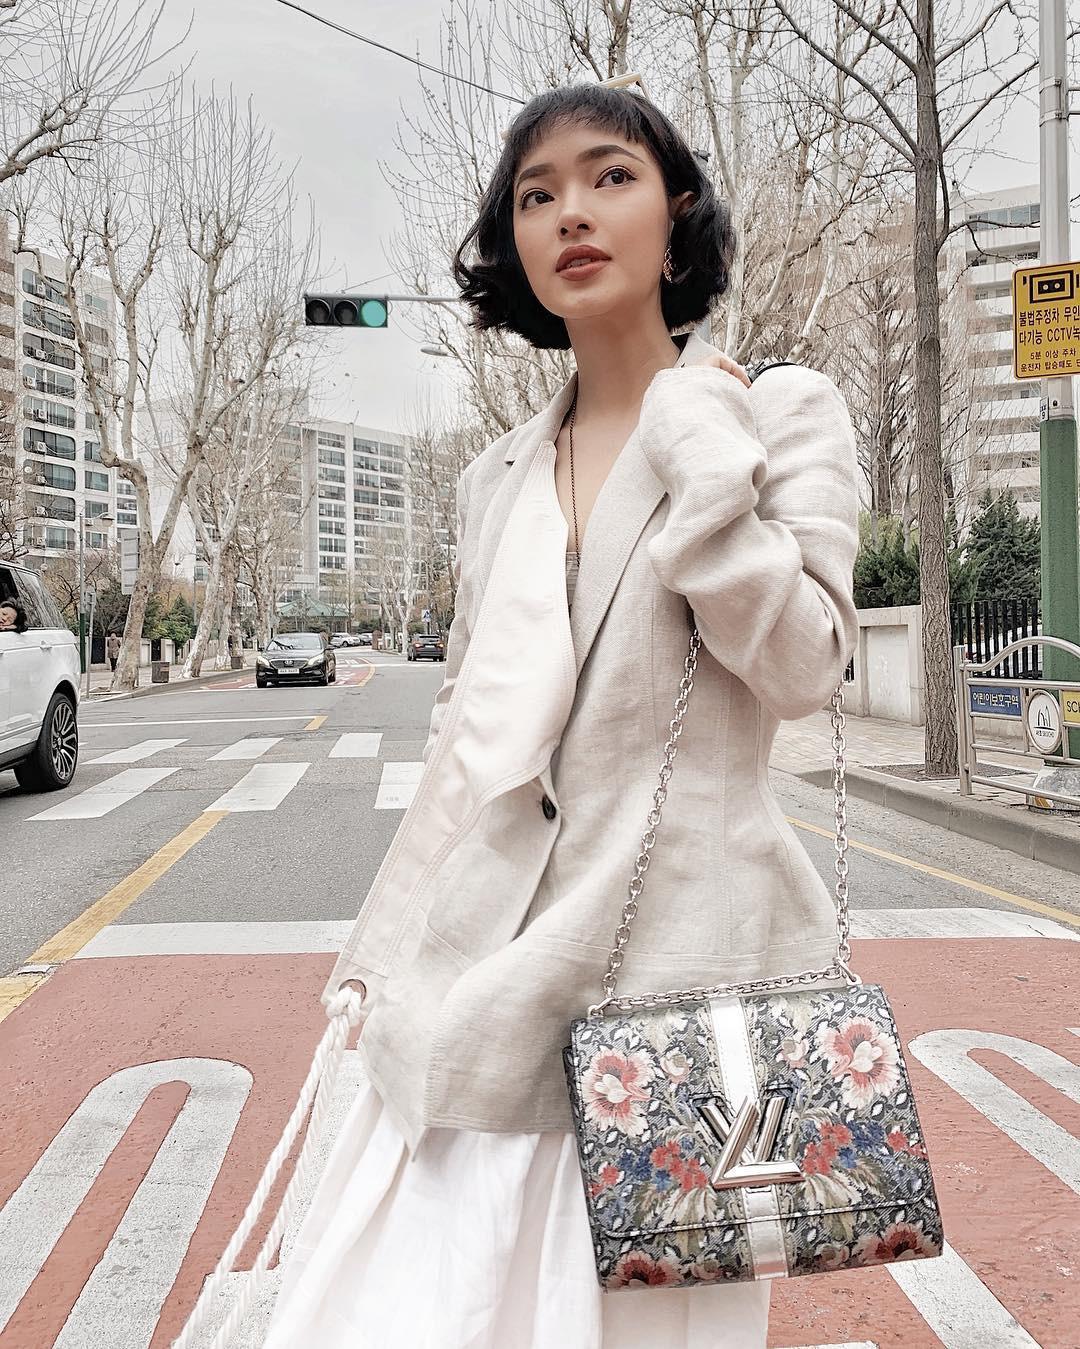 Hè mới ngấp nghé mà Chi Pu và tình tin đồn của Sơn Tùng đã diện street style mát mẻ, khoe ngực gợi cảm - Ảnh 6.